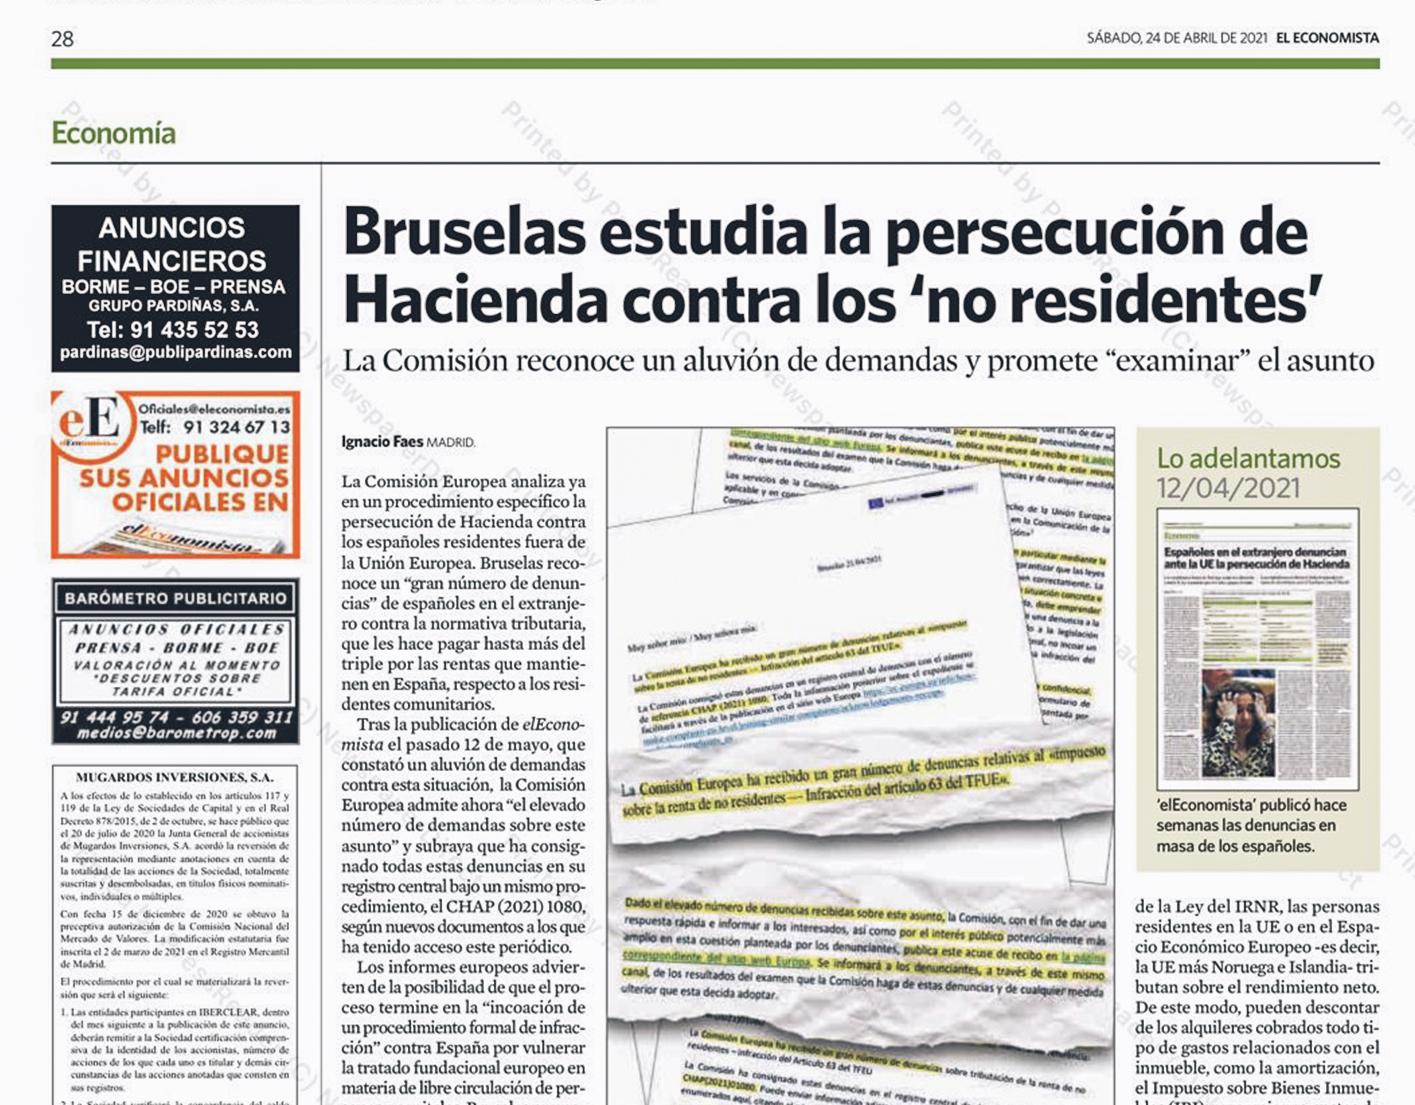 Alejandro del Campo citado en El Economista por el aluvión de denuncias de españoles en el extranjero contra la persecución de Hacienda